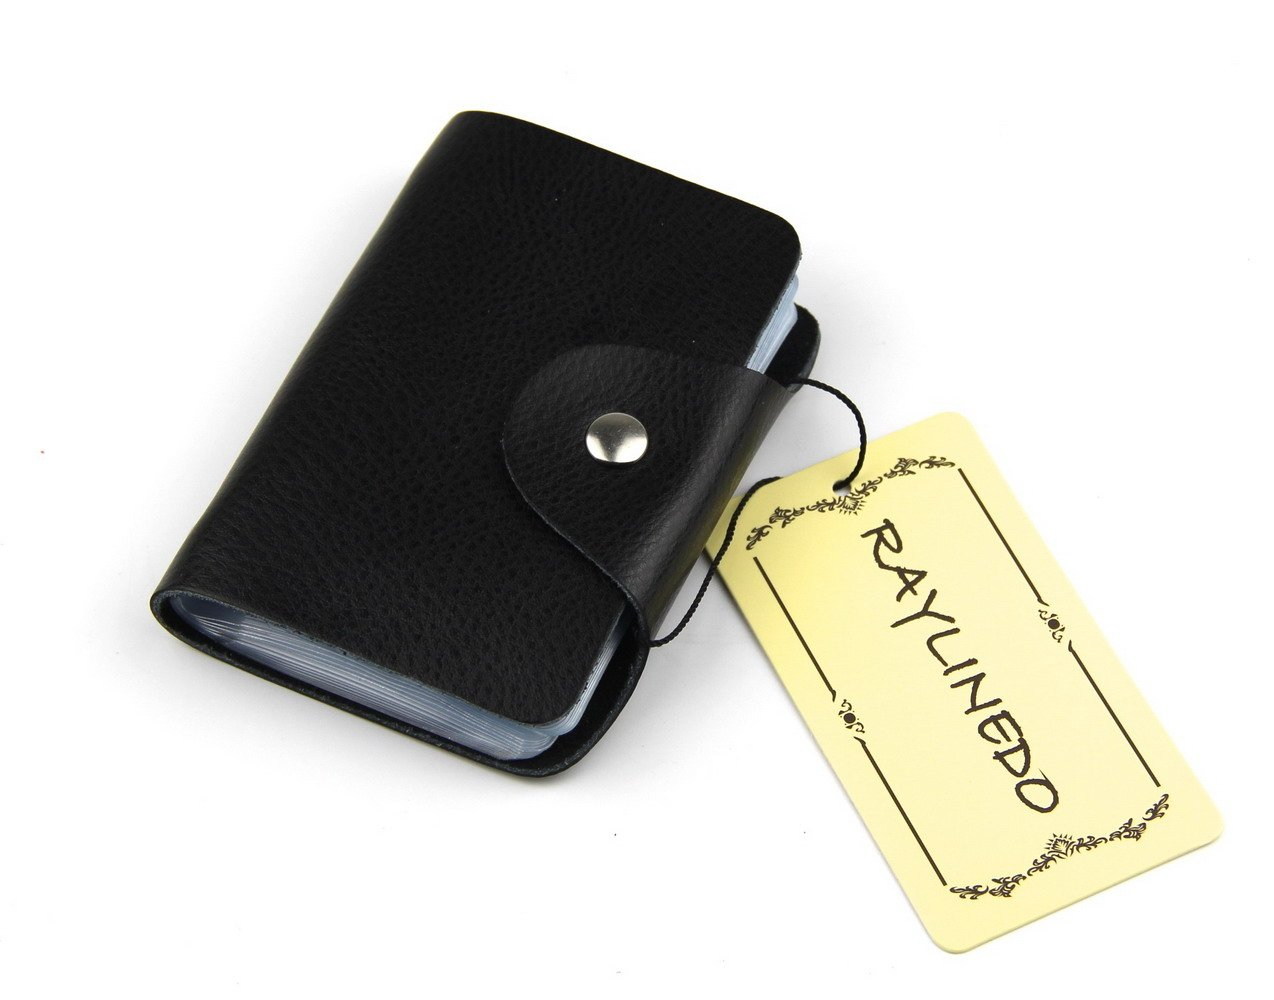 raylinedo Unisex Multi Farbe Echtes Leder Kreditkartenetui Slim Business Card Case Tasche Super Dünn Weich minimalistisch Kartenhalter mit 26Kartenfächer 1 Packung Canvas Pink